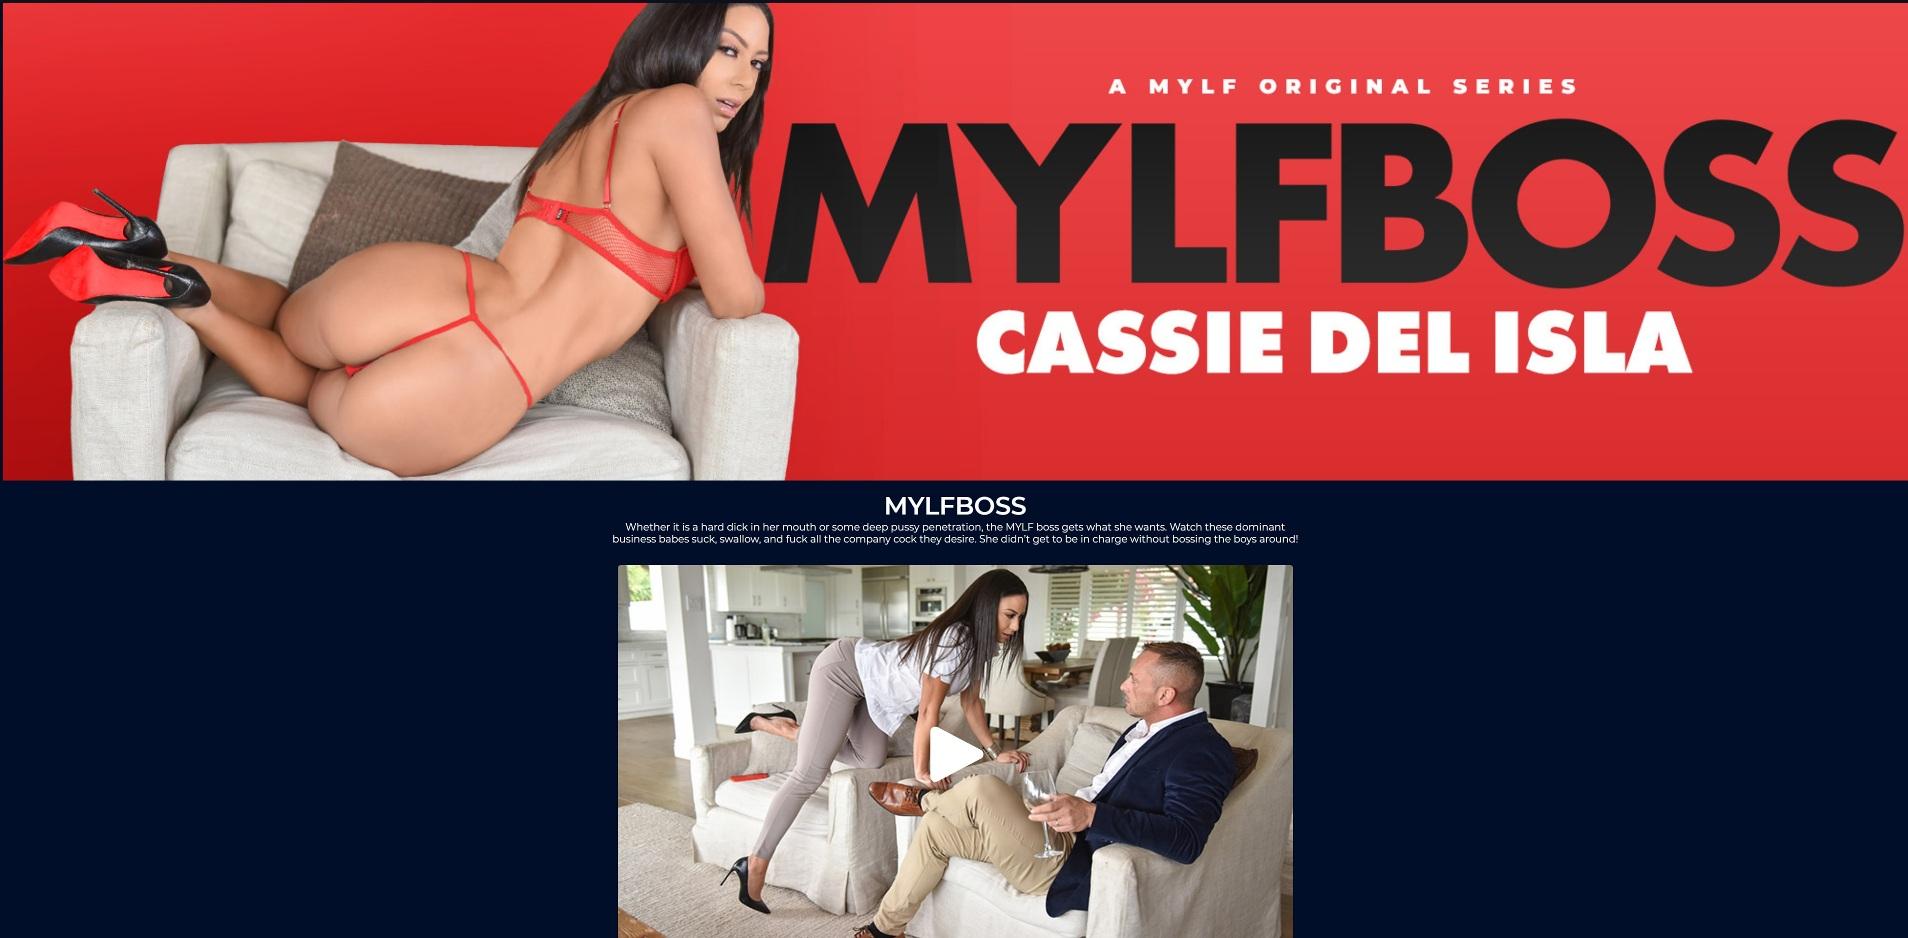 109 MylfBoss M - MylfBoss.com - Full SiteRip!